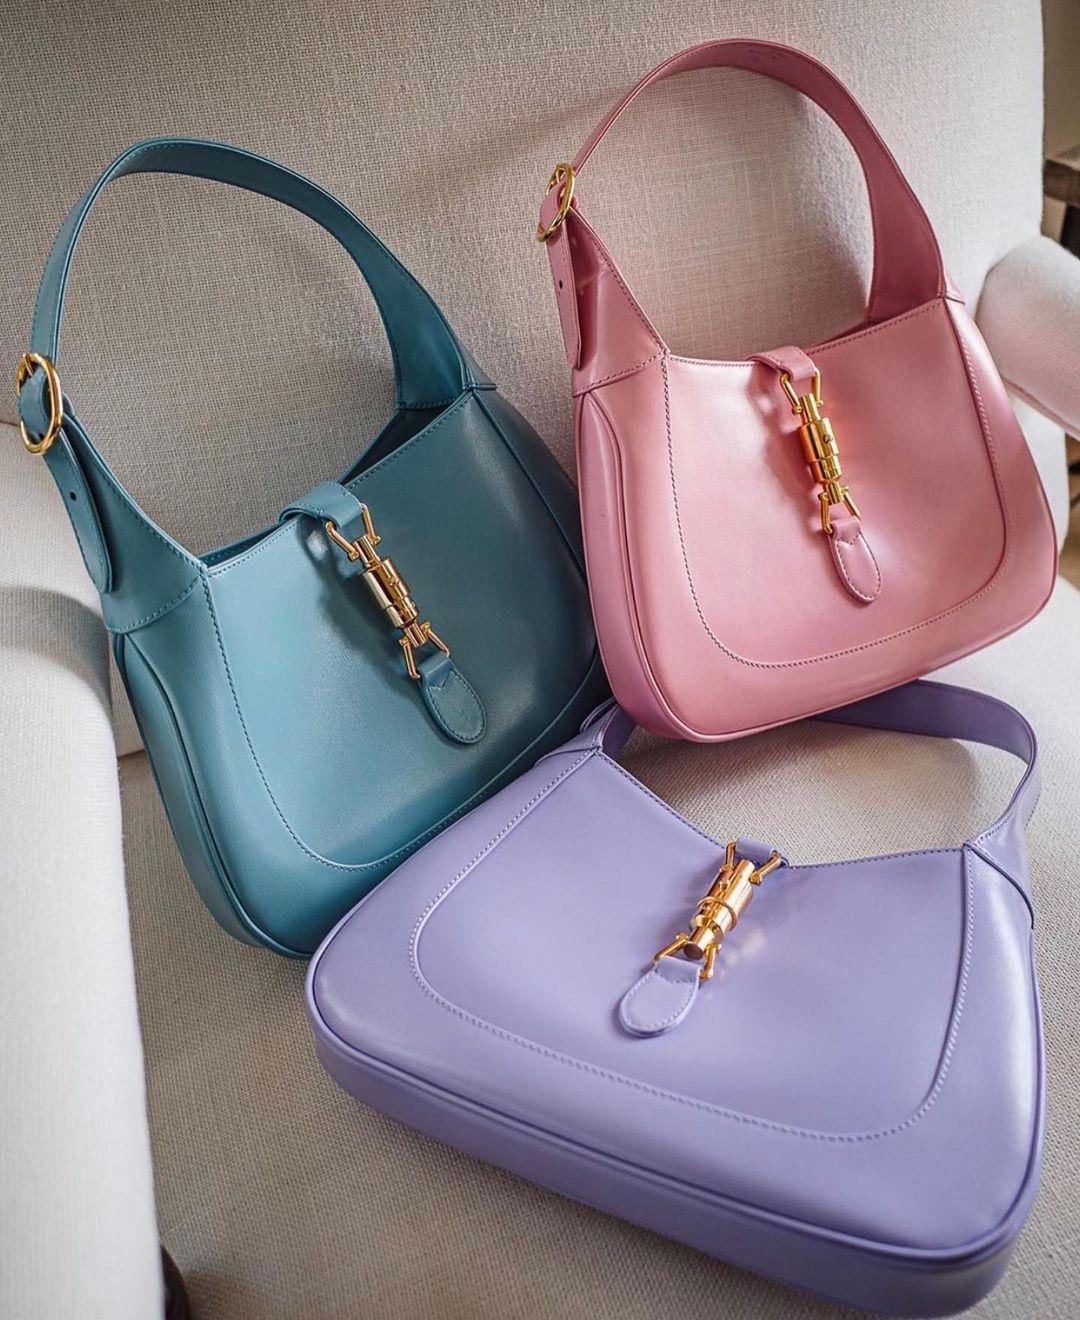 Высочайшее качество G Jackie 1961 дизайнерский дизайнер на плечо Woems модные сумки Duffle нейлоновая кожаная сумка по крестообразующей сумку известные сумки леди кошельки кошельки HOBO